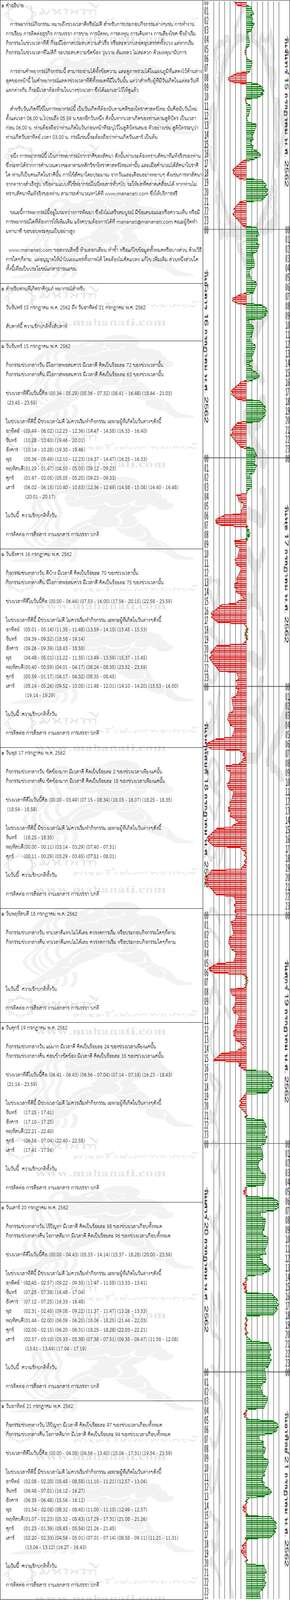 puh3xo7bcLPP59t2CVG-o.jpg